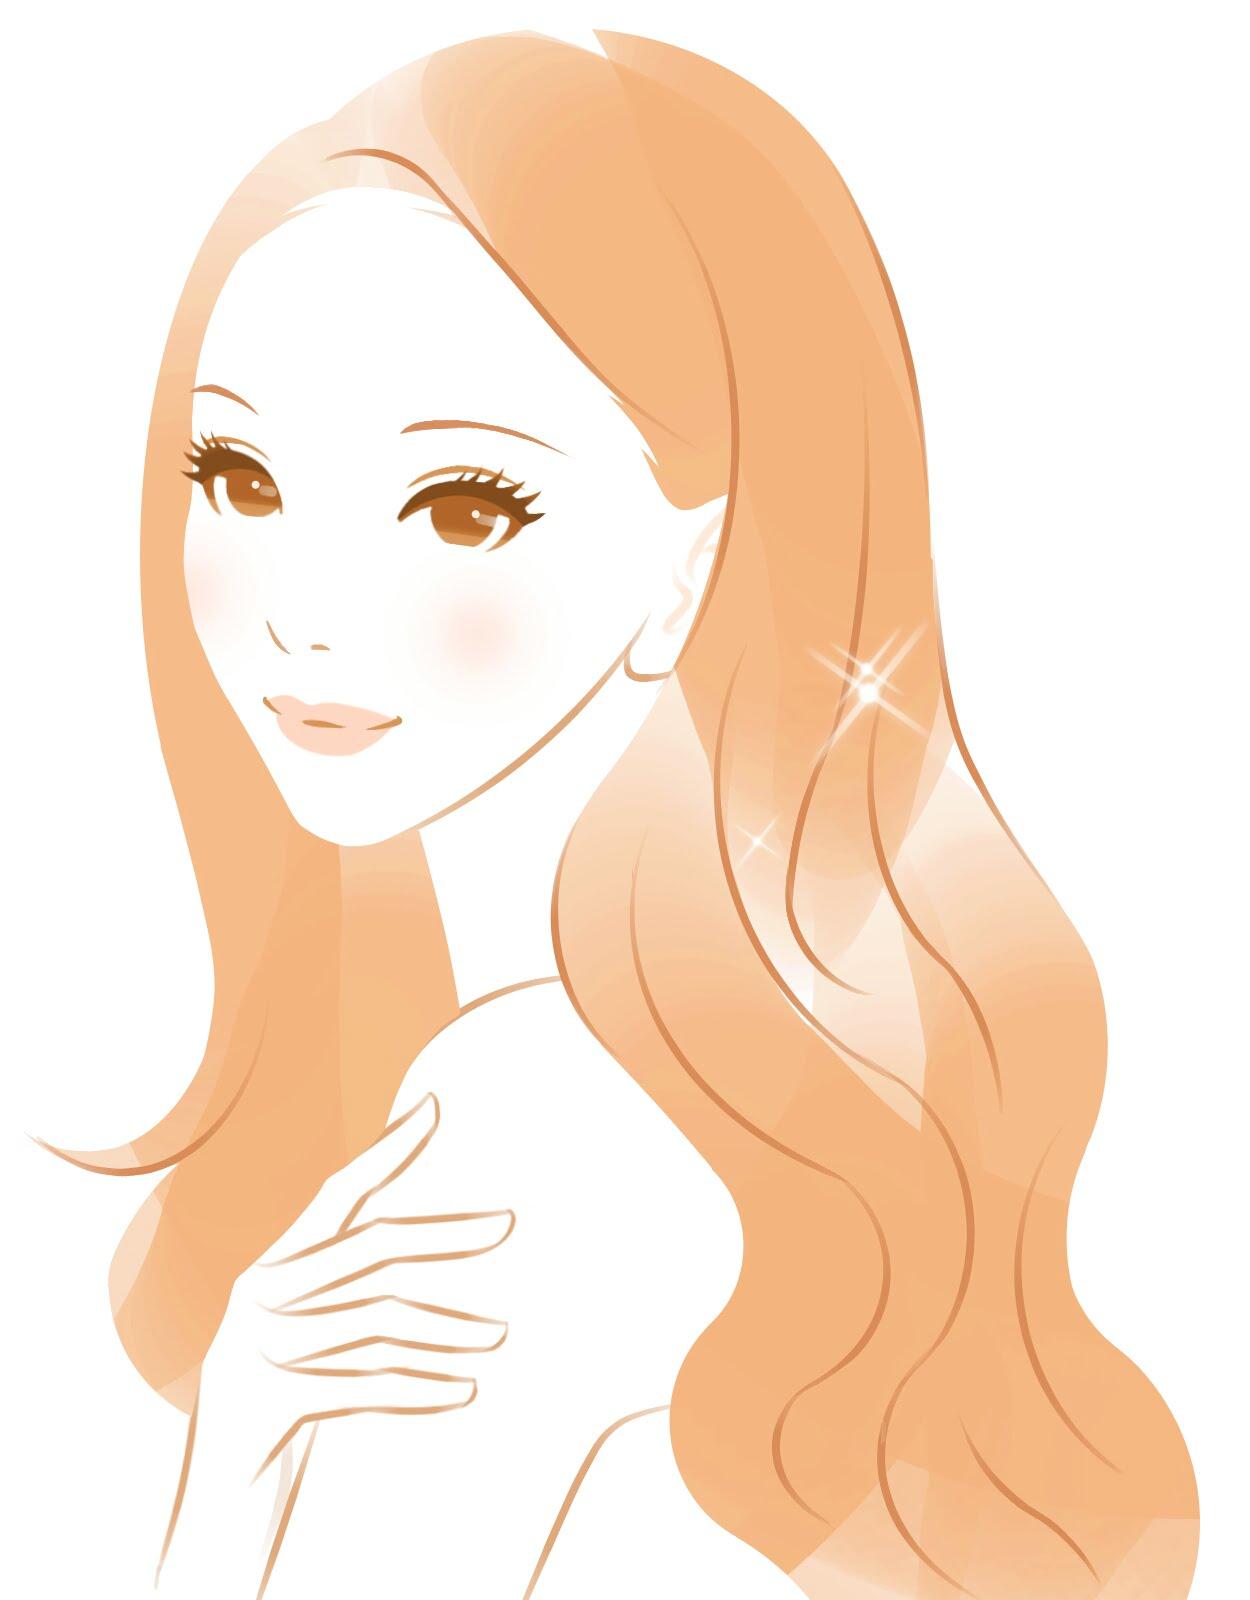 顔脱毛はしたほうがいい?産毛にも効果のあるおすすめ脱毛サロン